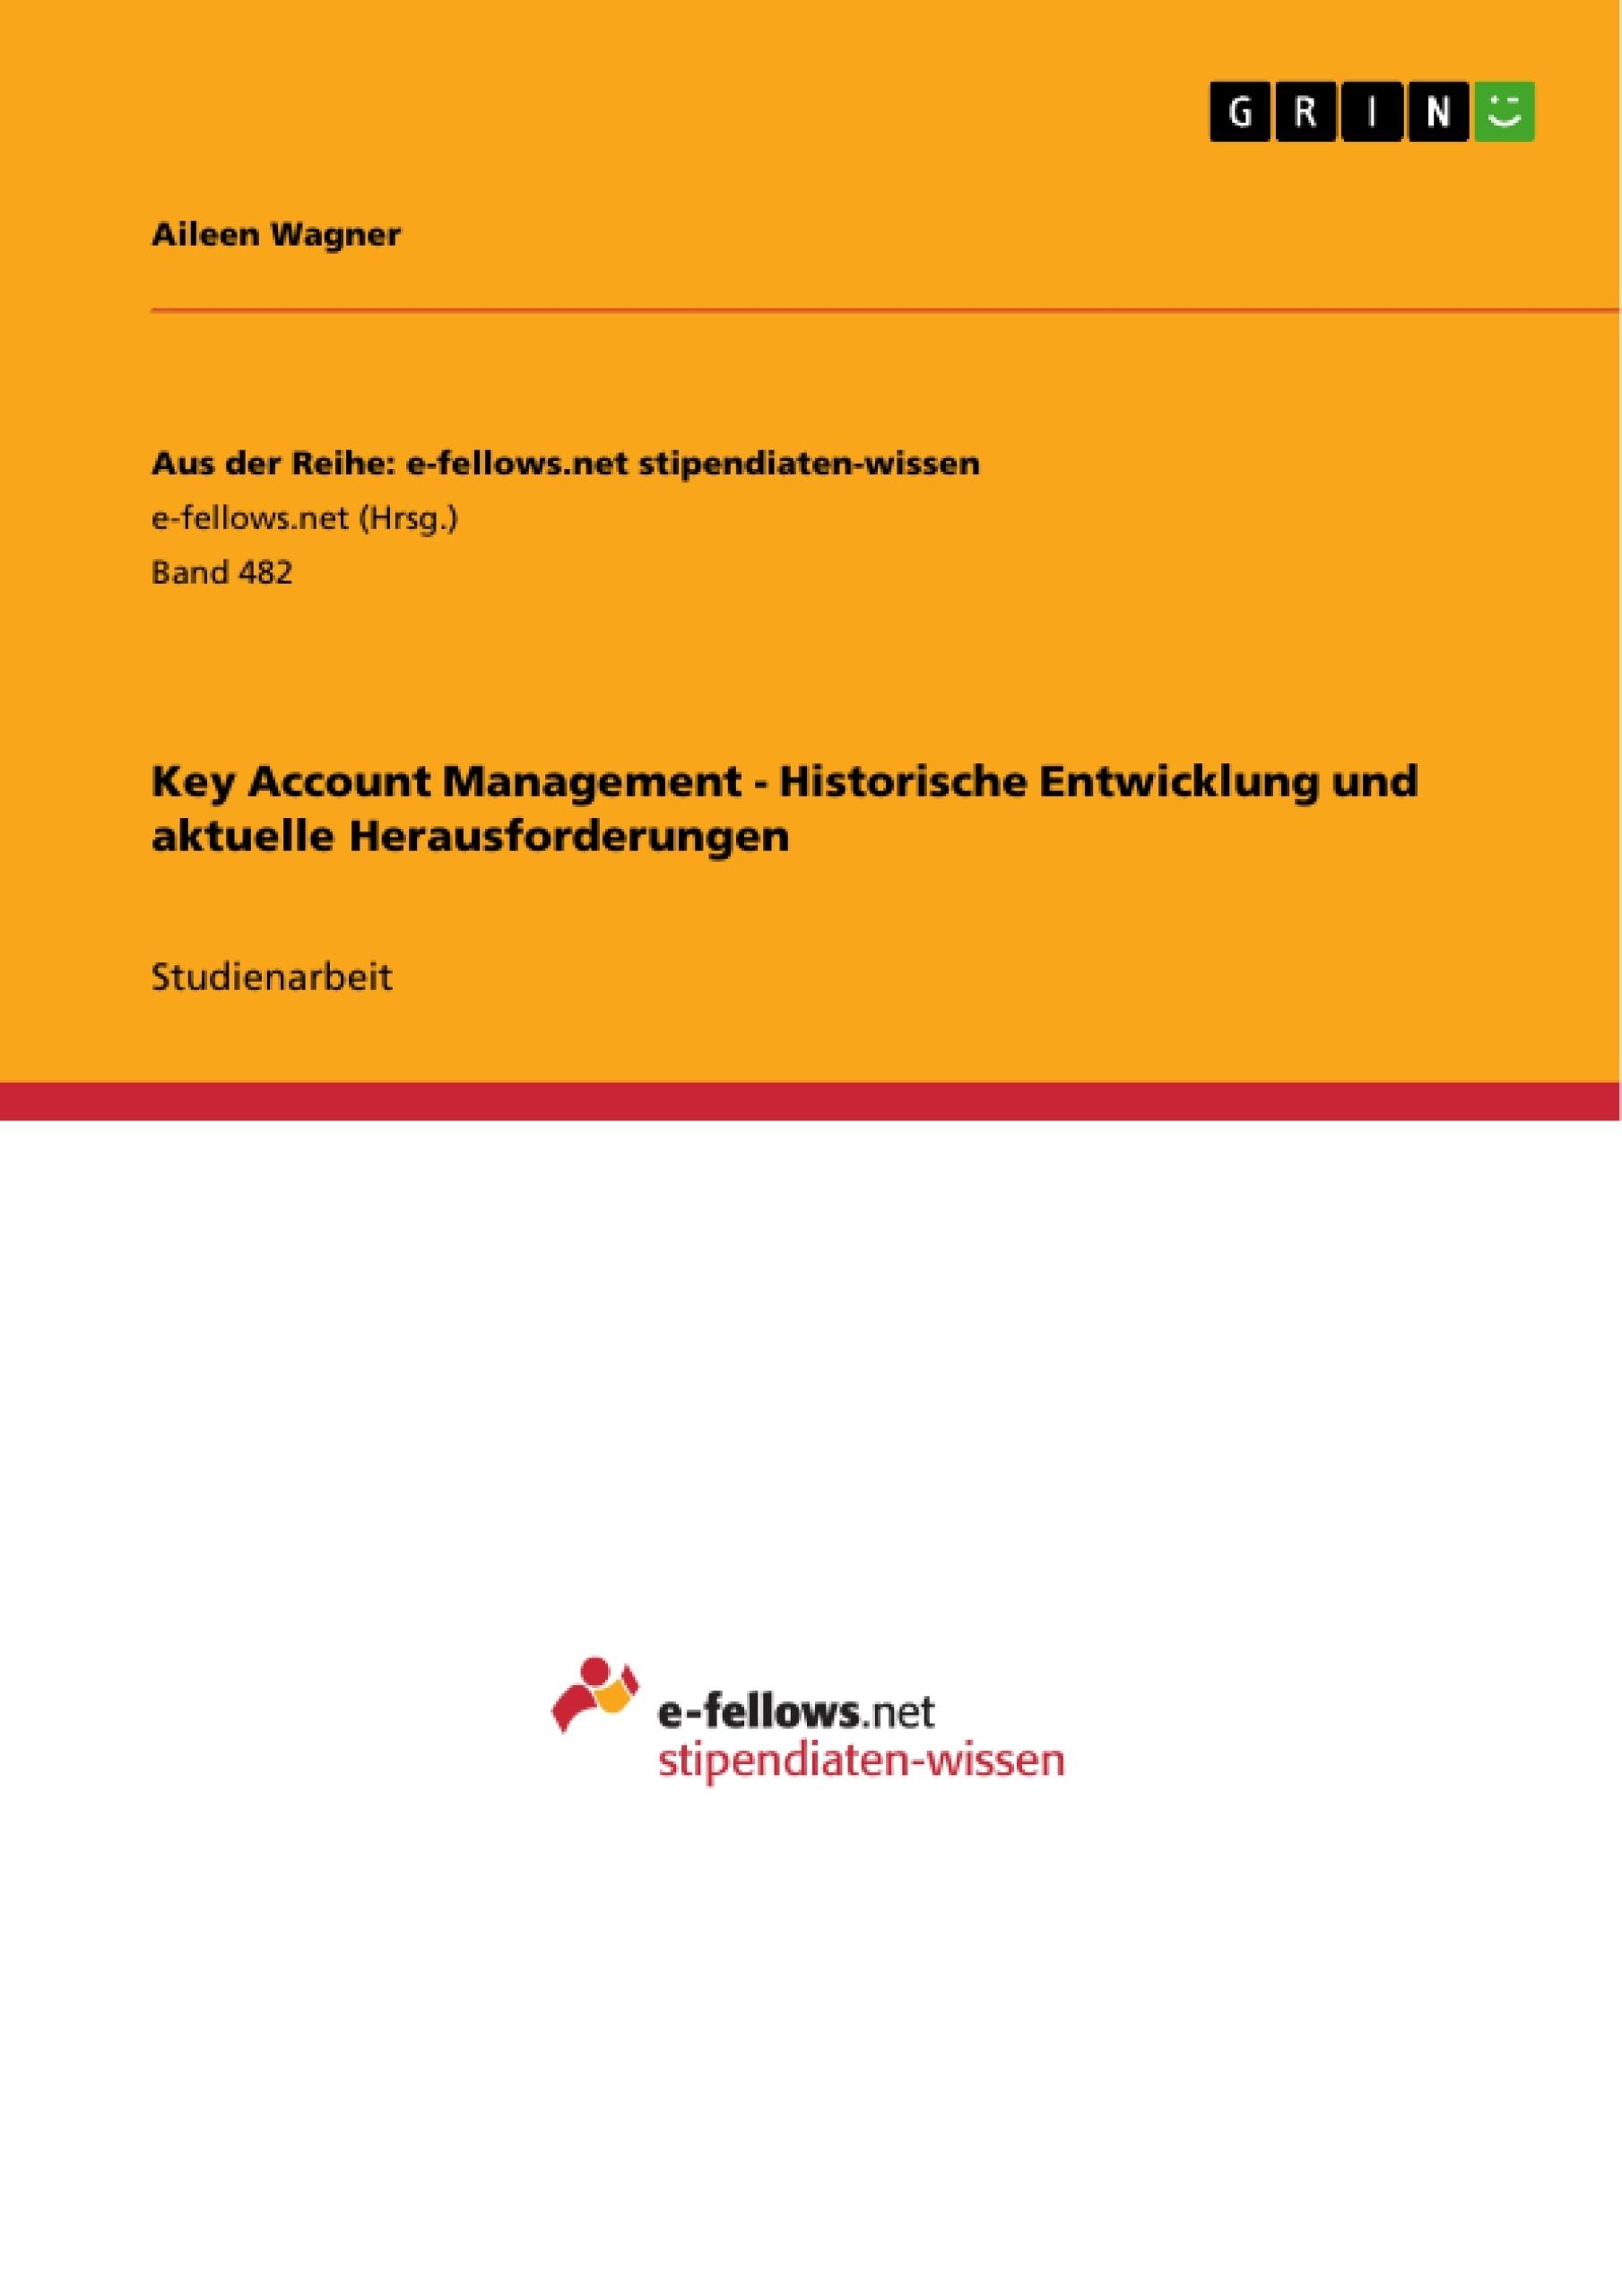 Titel: Key Account Management - Historische Entwicklung und aktuelle Herausforderungen